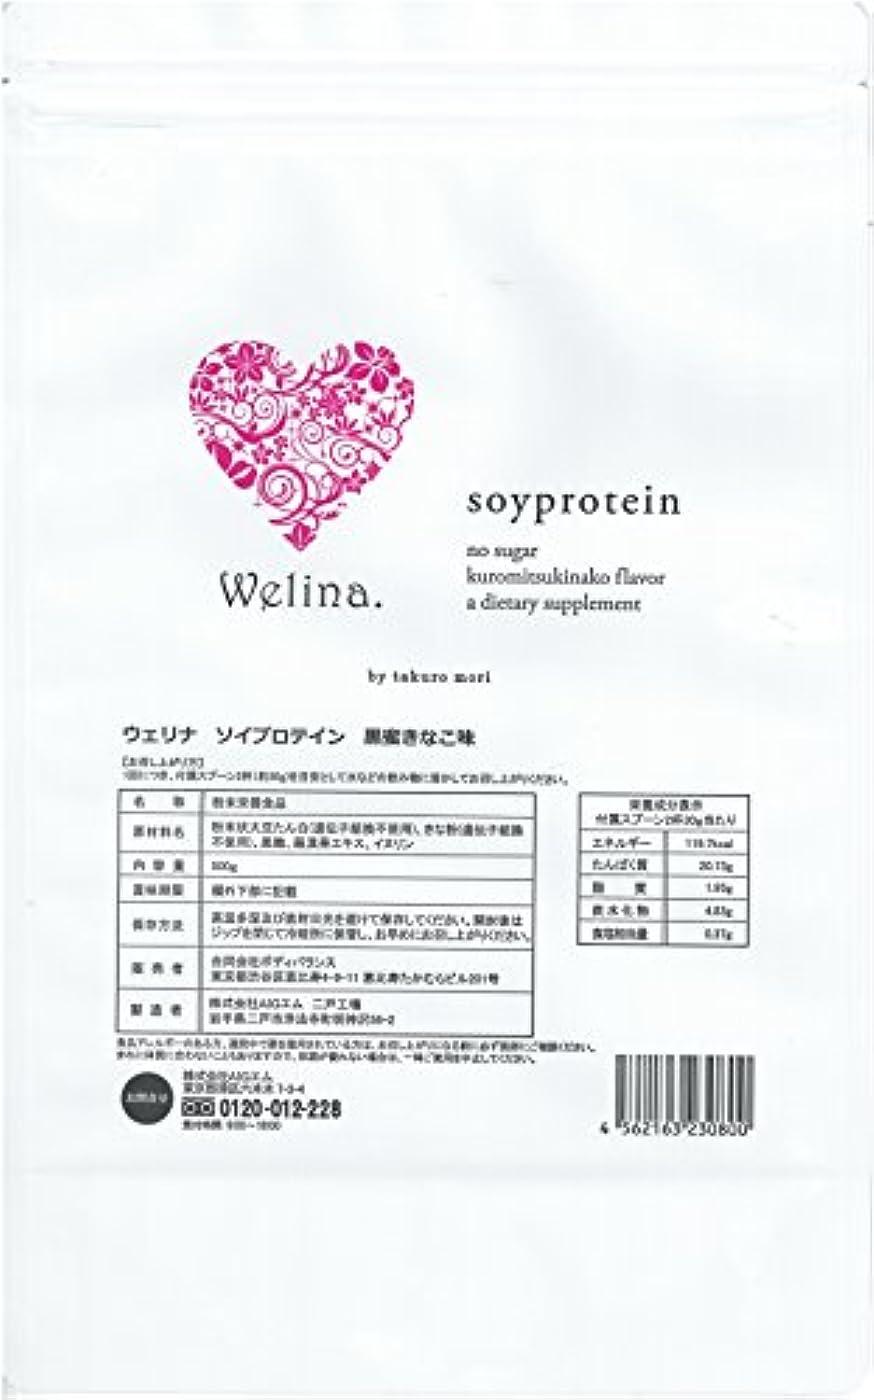 プレーヤー柔らかい審判ウェリナ ソイプロテイン 黒蜜きなこ味 500g